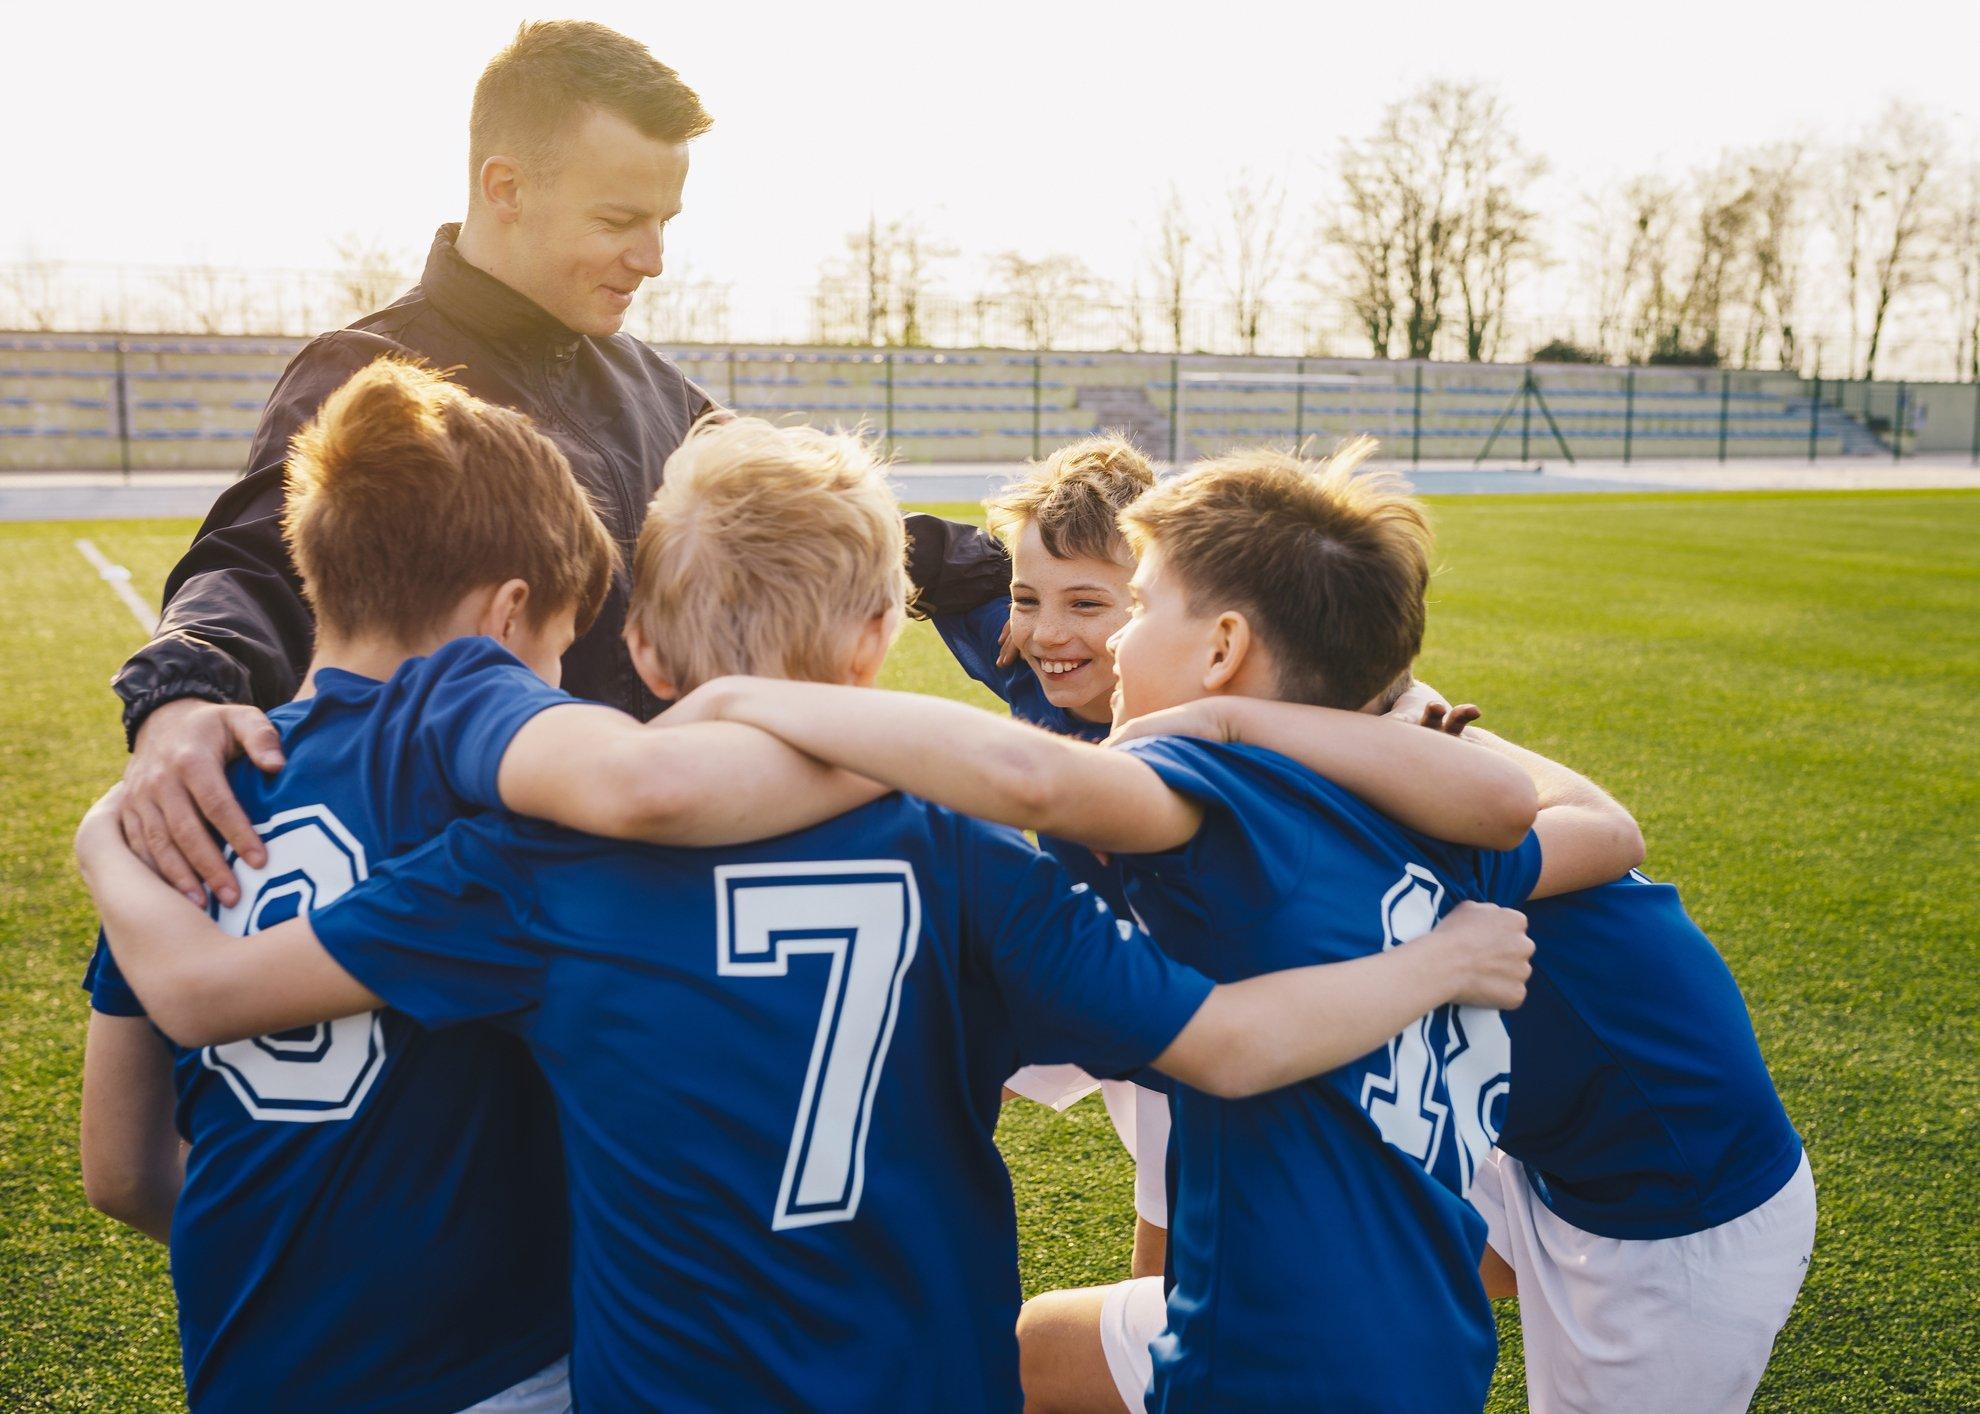 Feedback e o processo de ensino no futebol